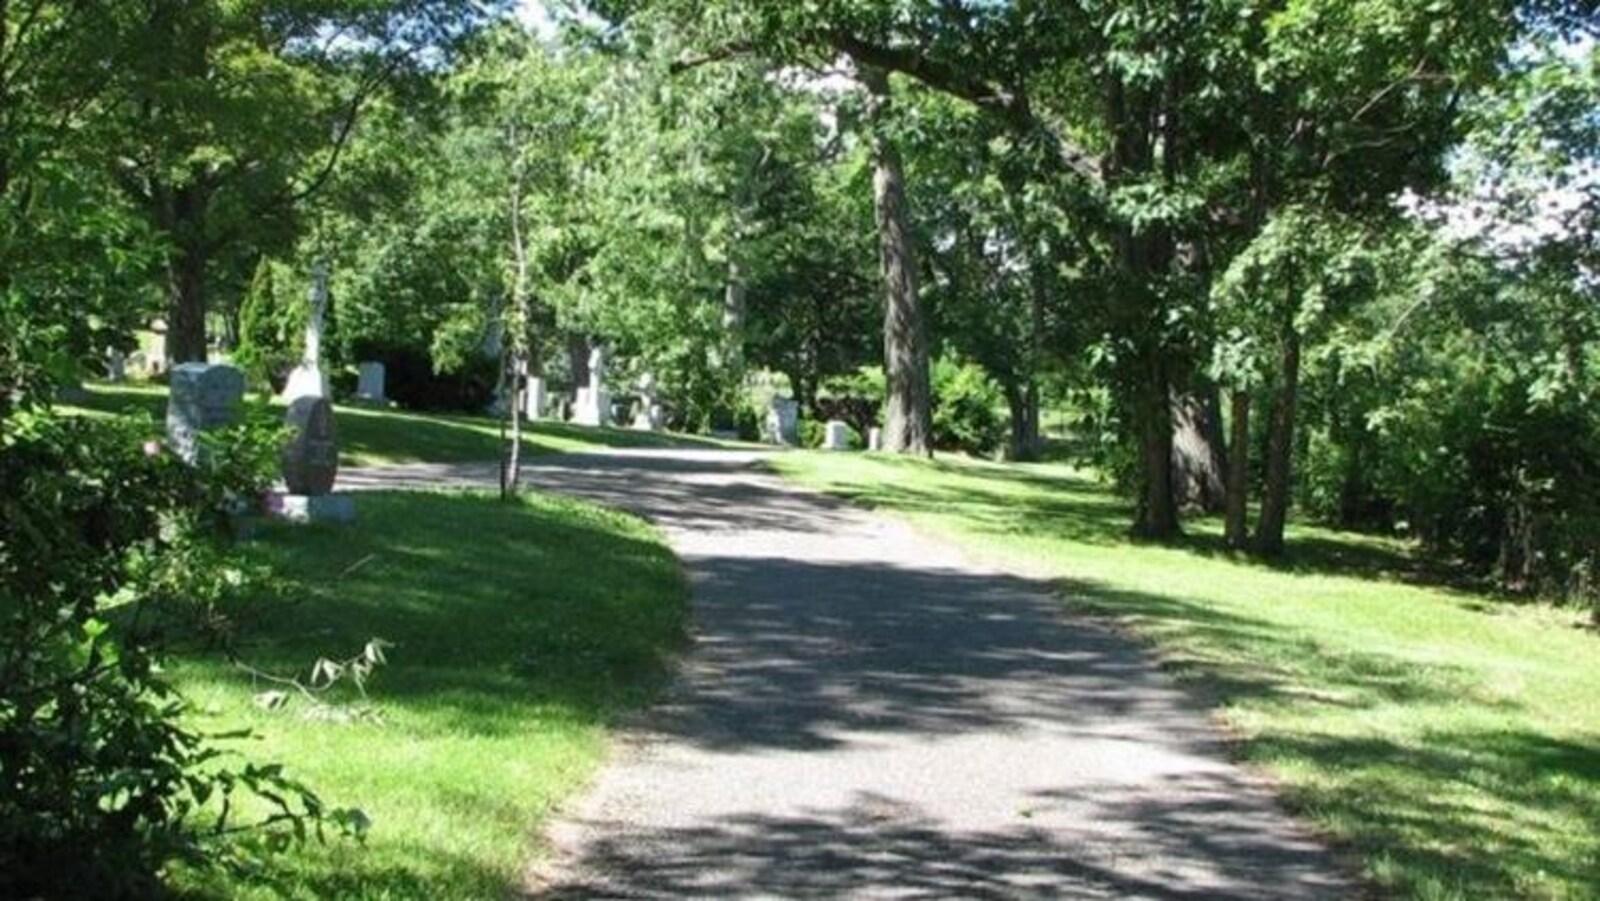 Sentier en sous-bois dans un cimetière.